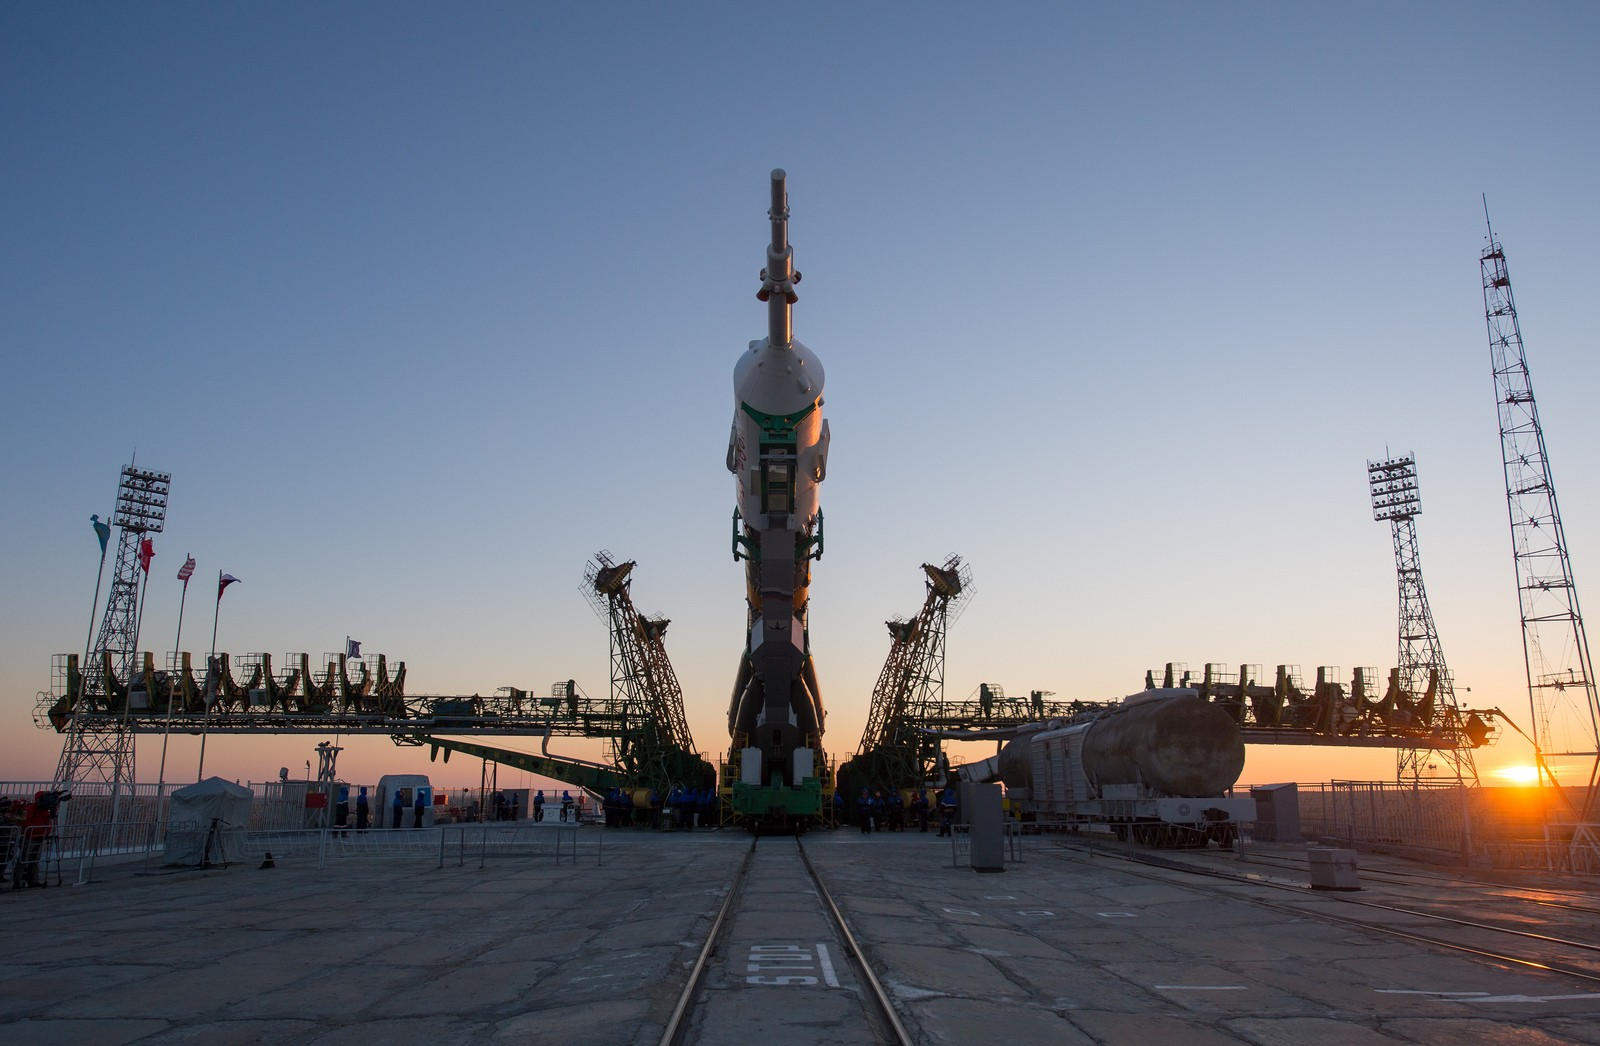 Сборка ракеты Союз-2.1а началась на космодроме Восточный